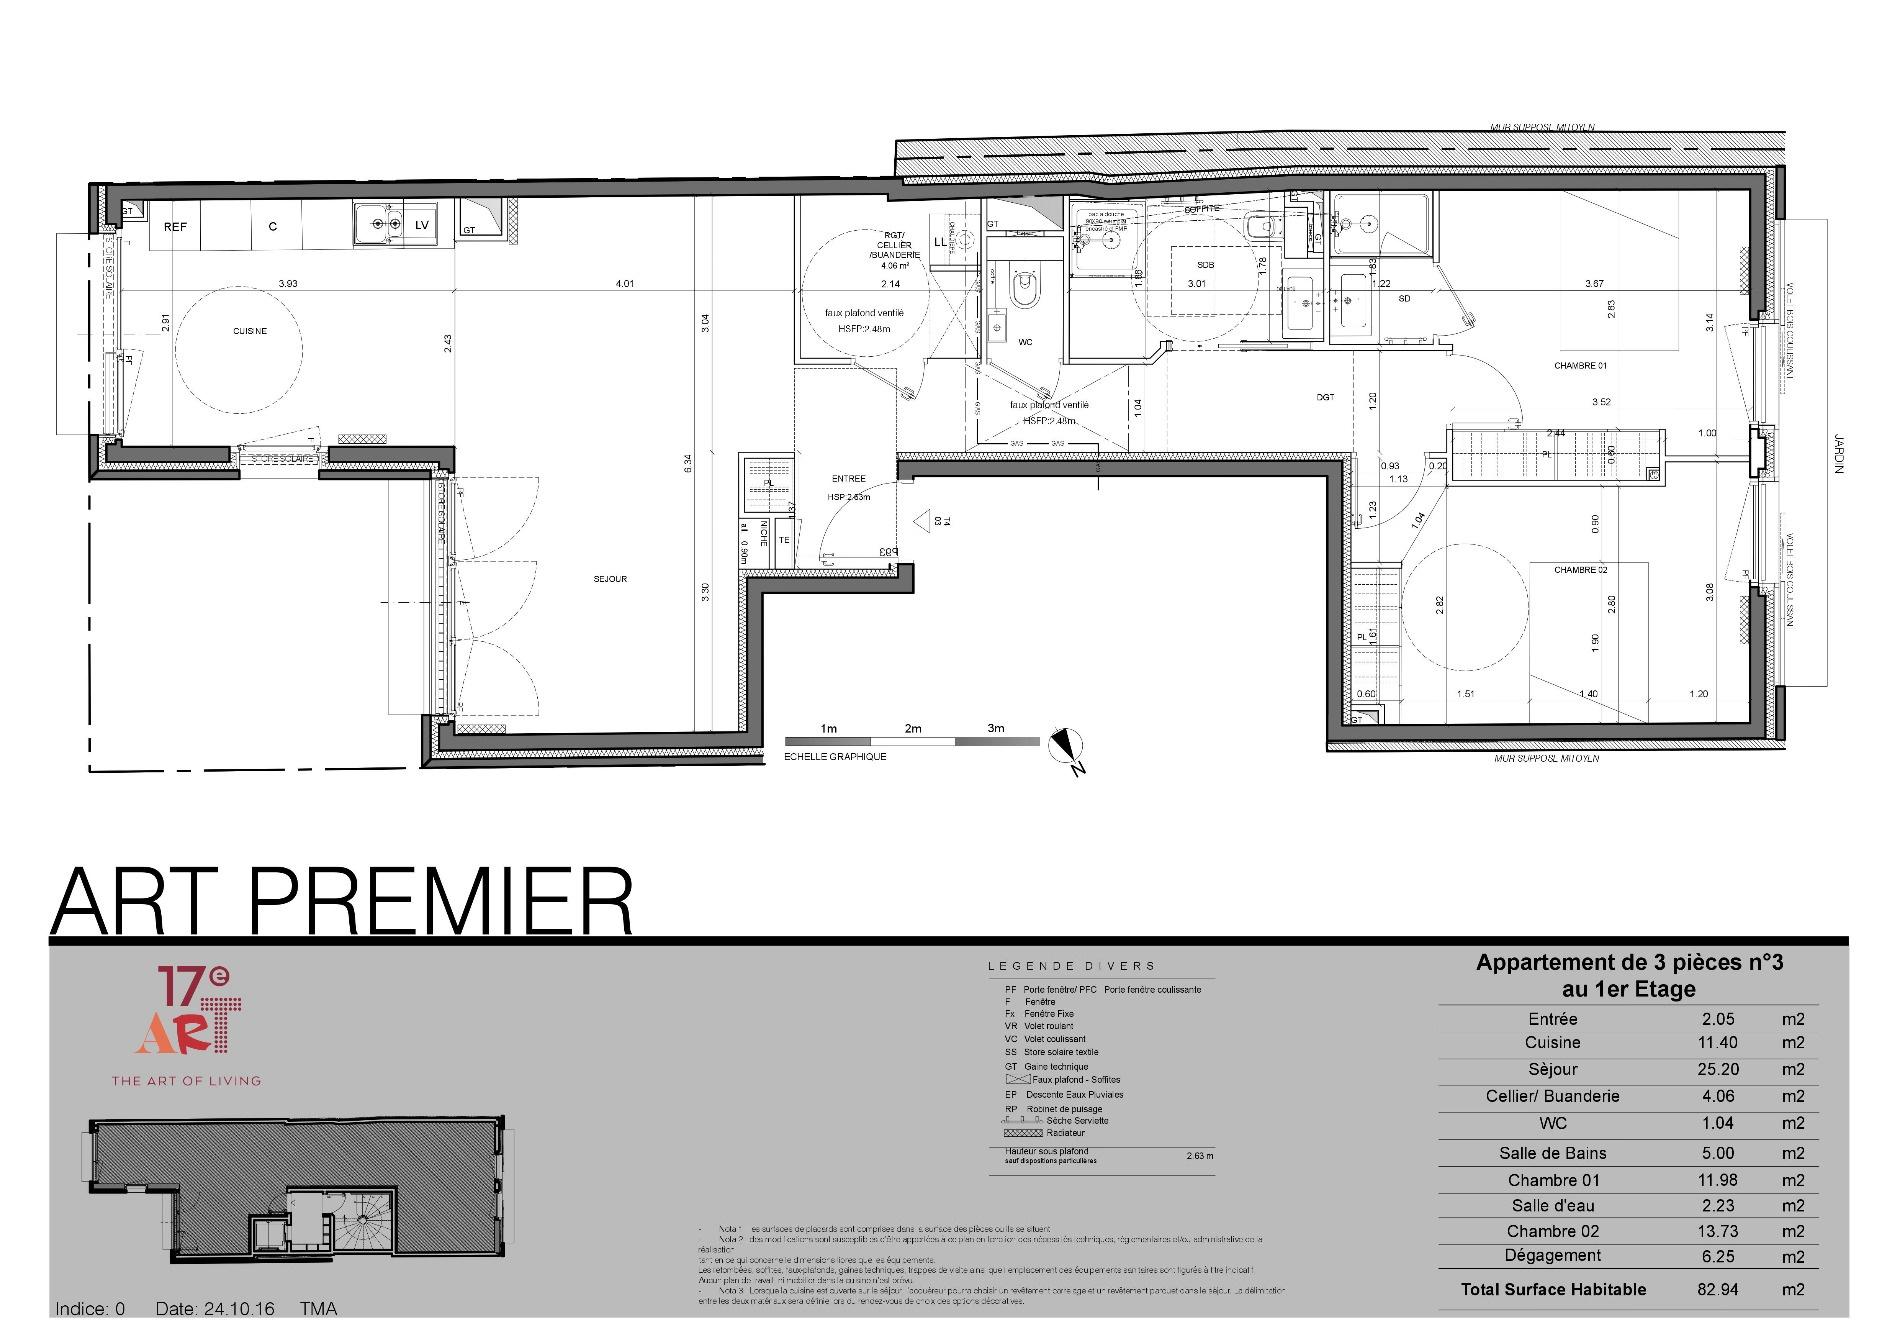 offres programmes neufs appartement art premier 3 ou 4 pieces m 1er etage. Black Bedroom Furniture Sets. Home Design Ideas